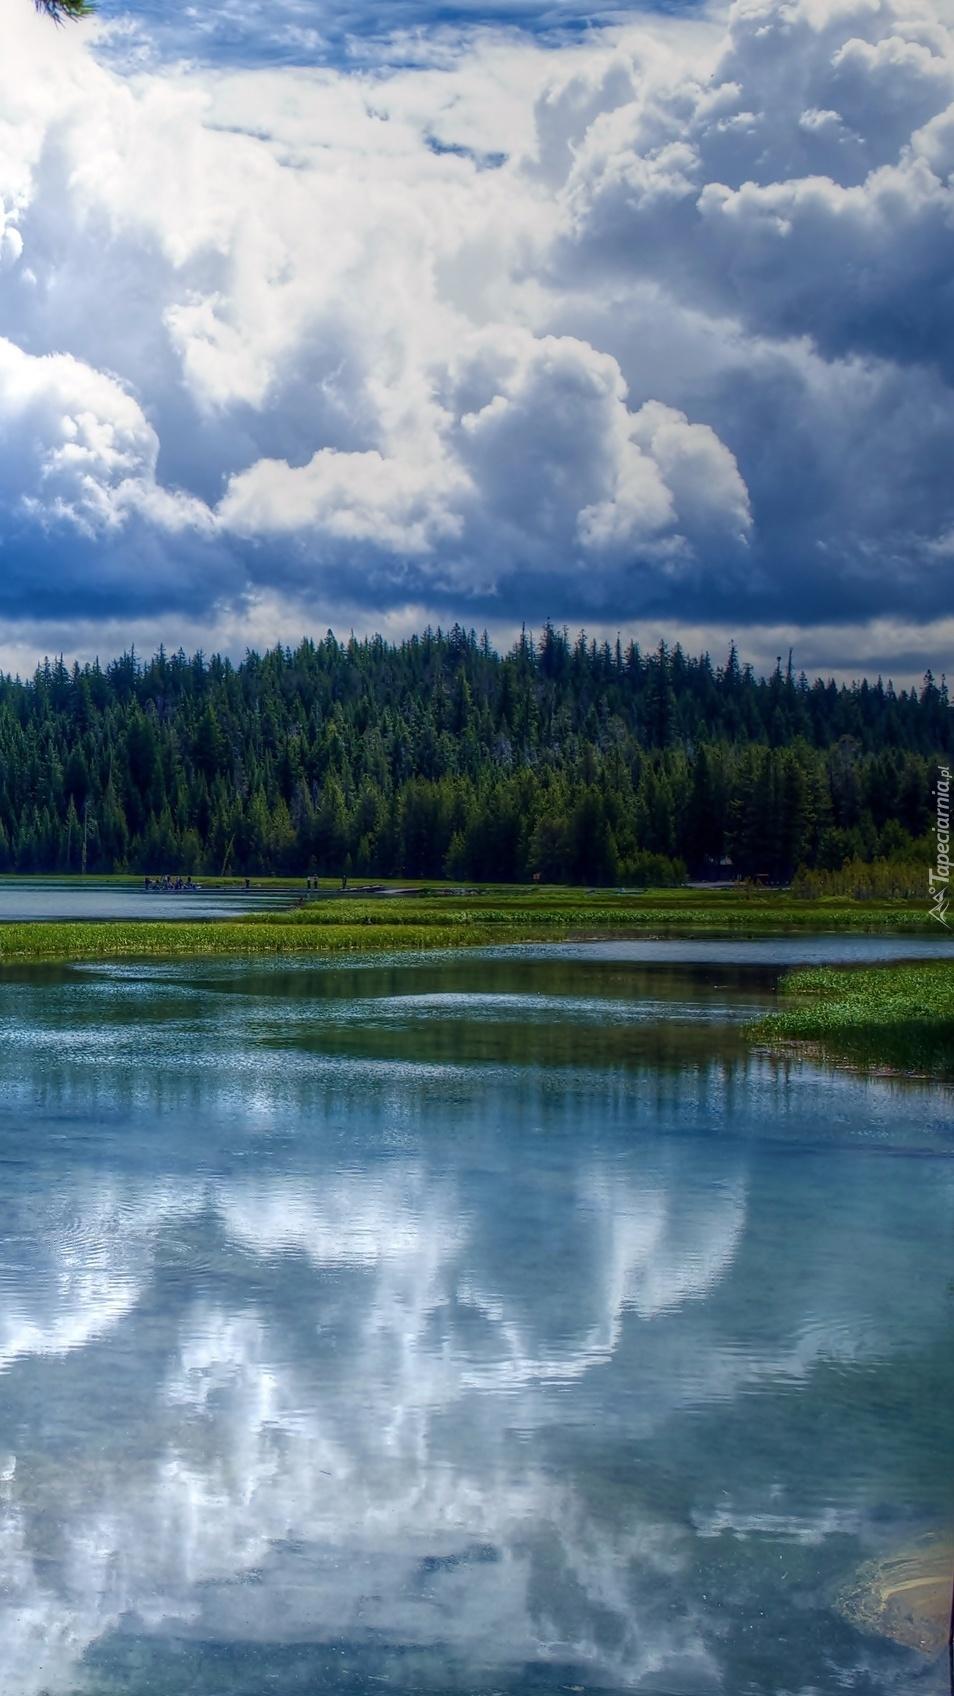 Jezioro przy lesie